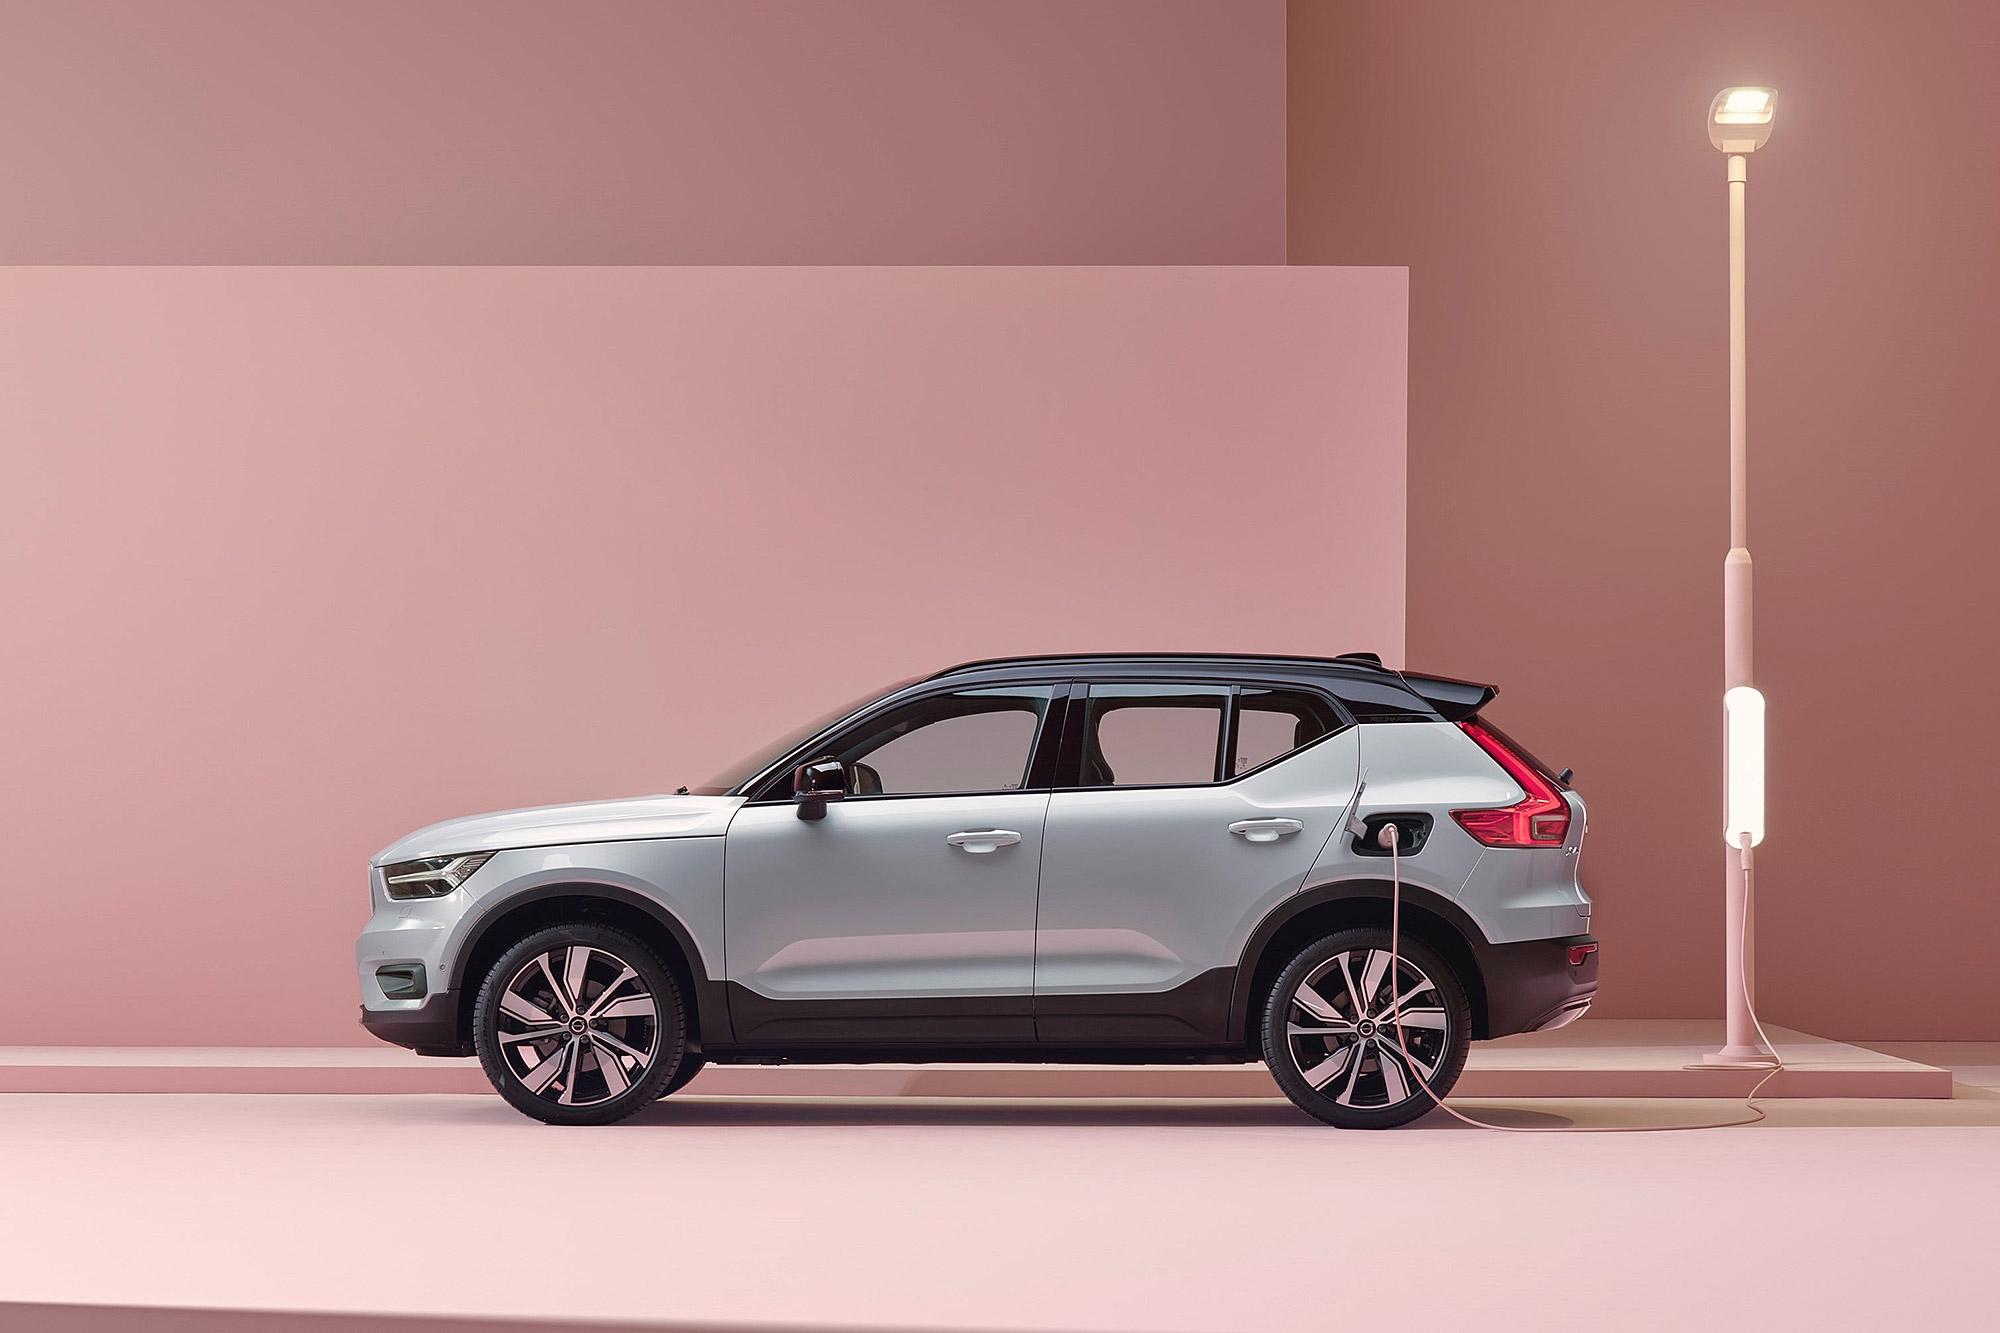 目前 Volvo 家族僅有 XC40 Recharge 一款純電動車產品,上市時間則訂在 2020 年。